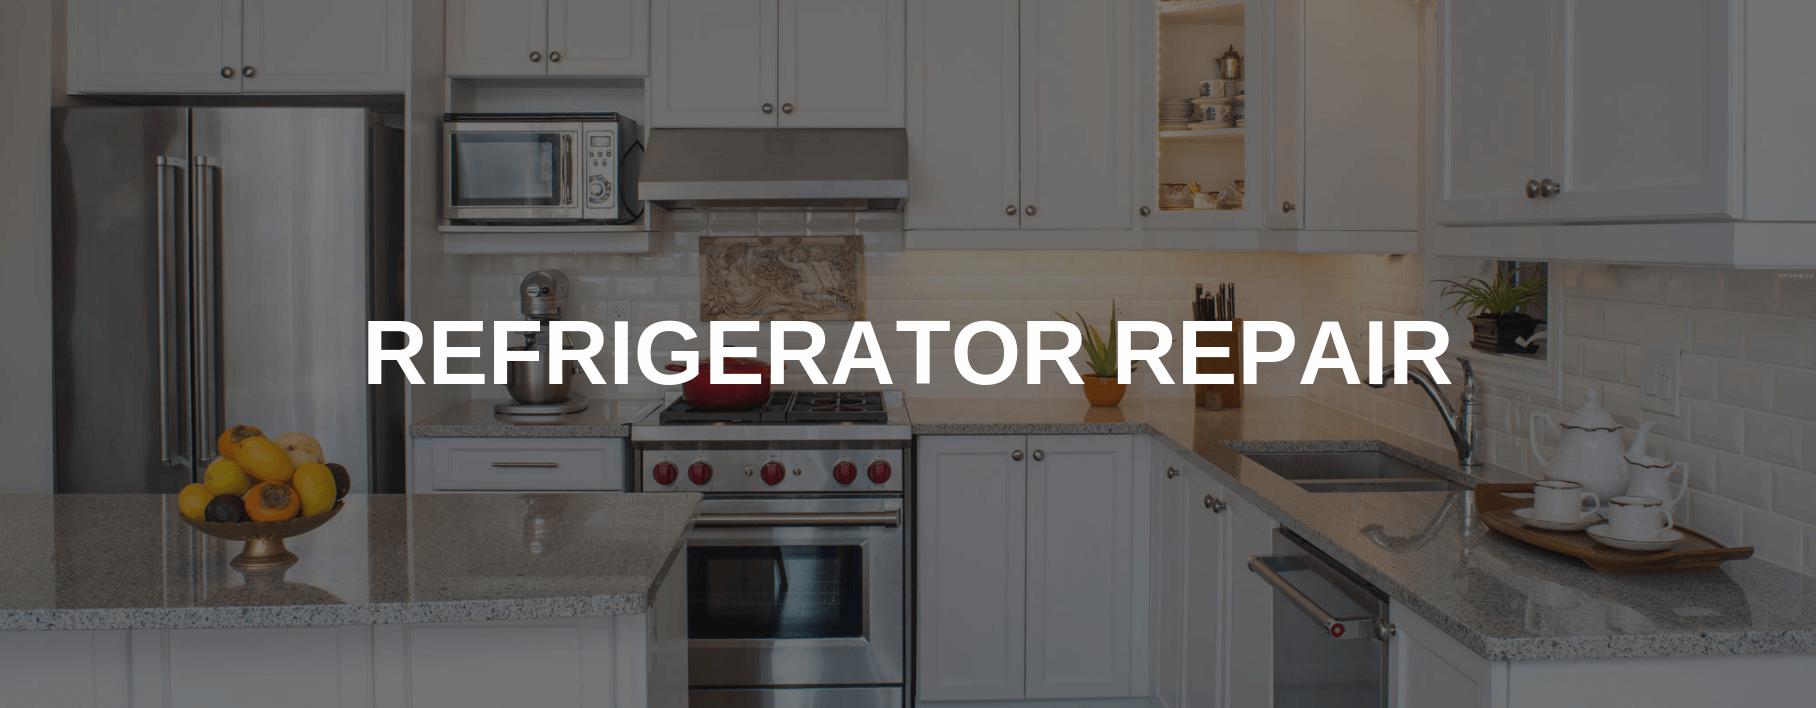 refrigerator repair glendale